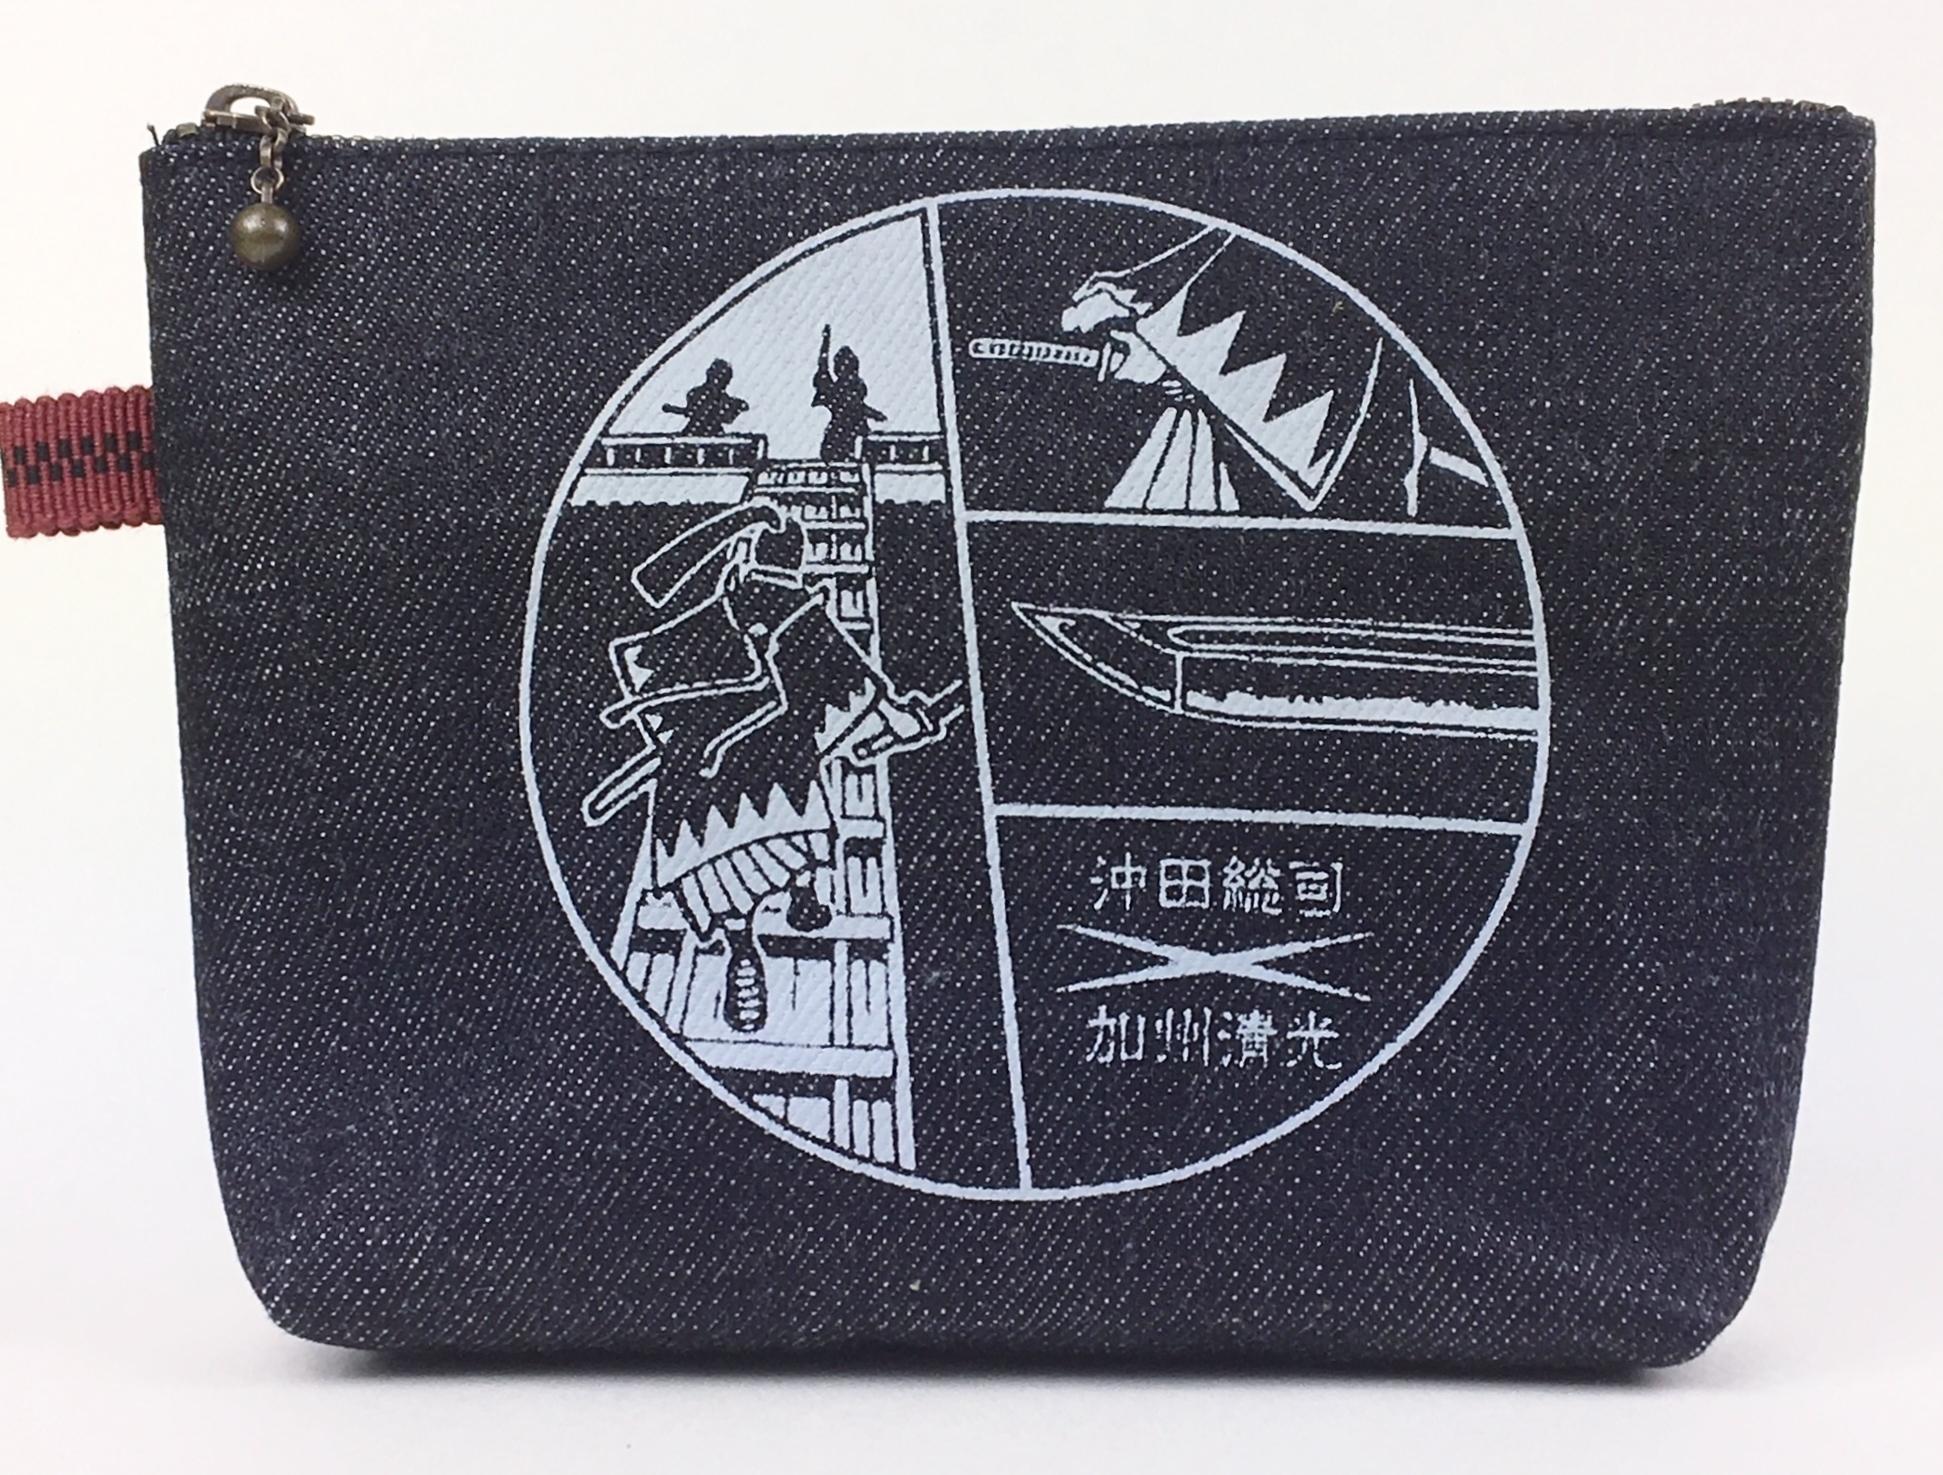 沖田総司・加州清光デニムポーチ